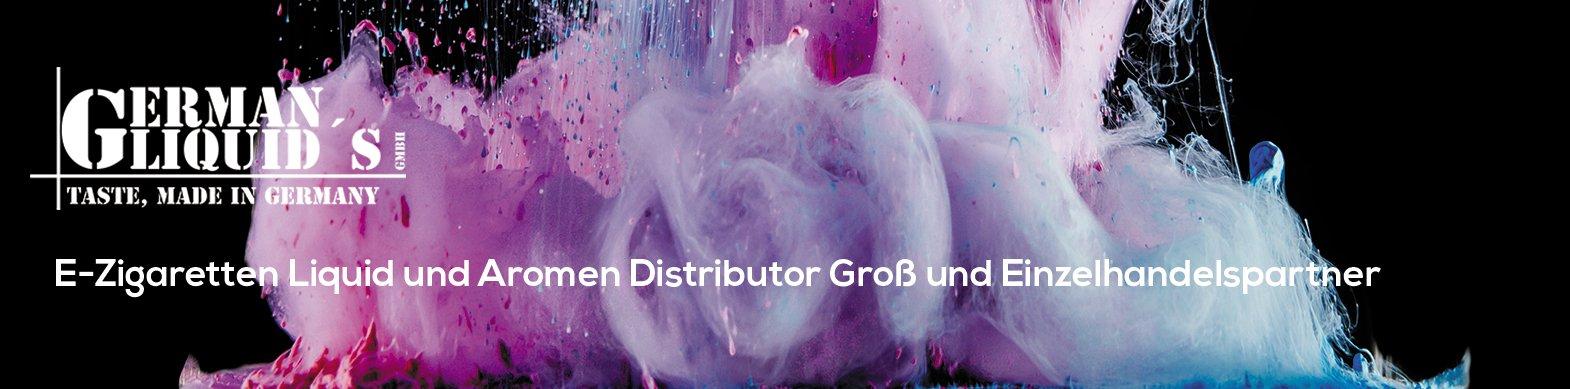 Germanliquids-Slider-Webseiteneu2